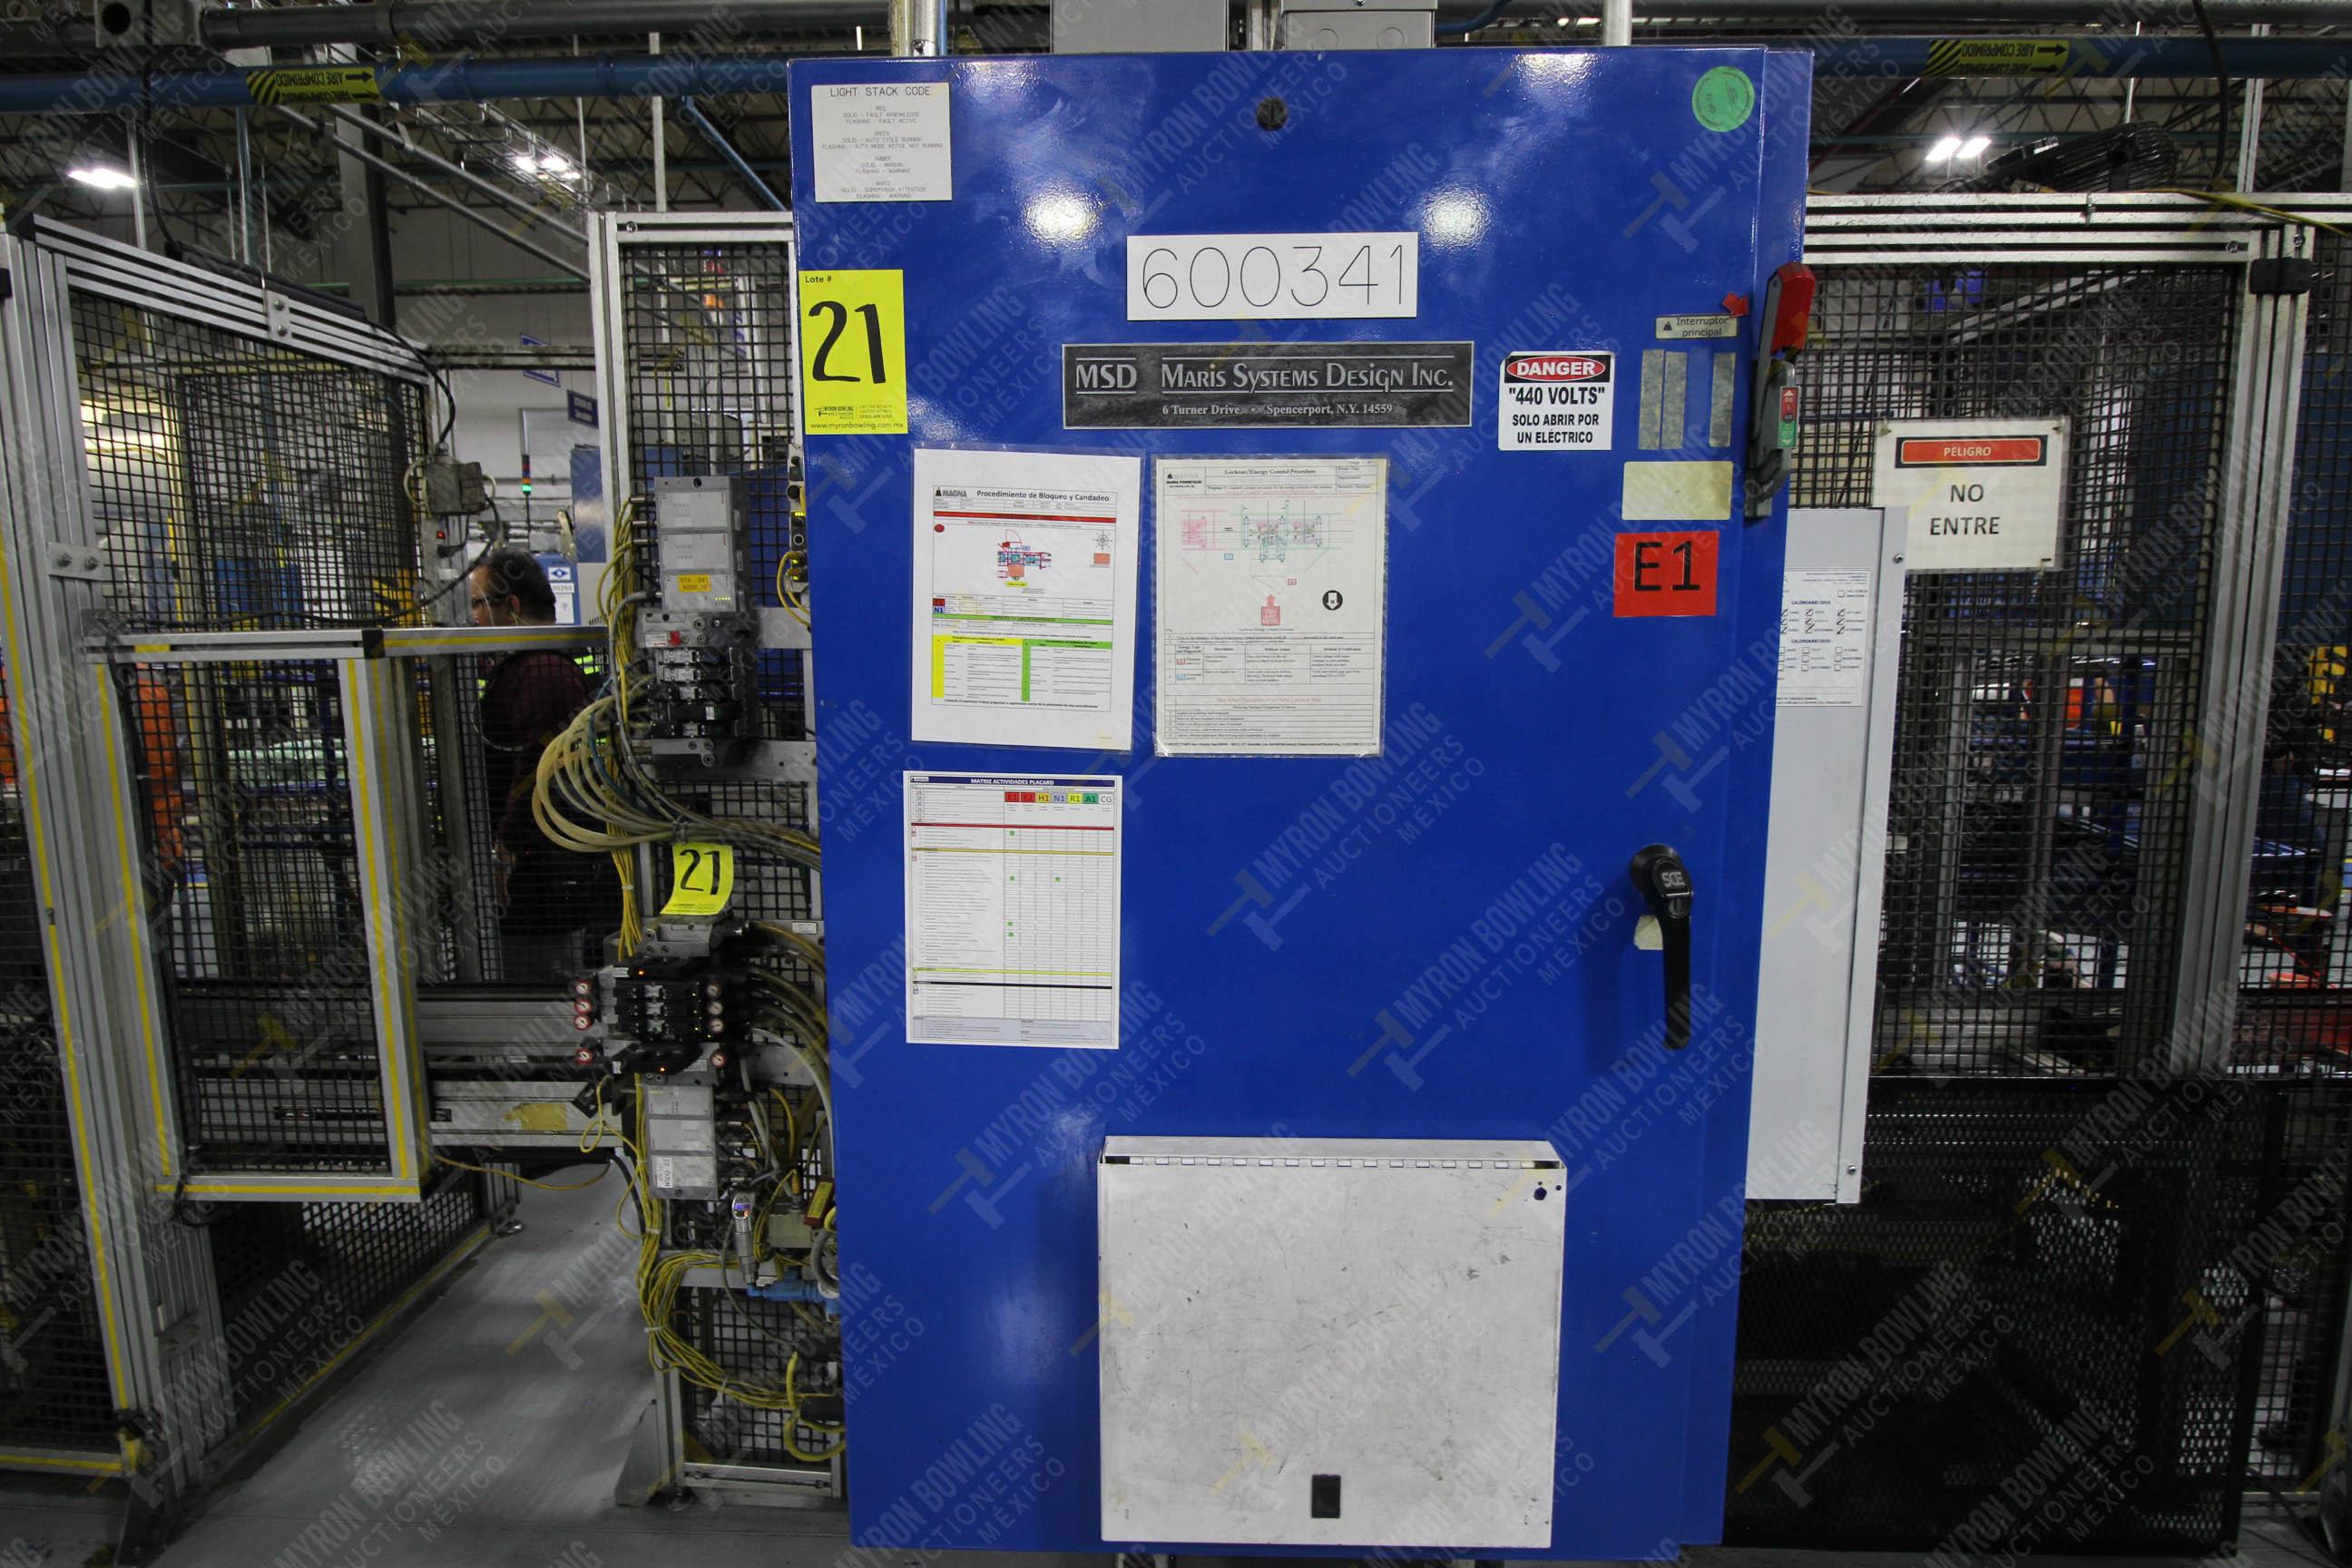 Estación semiautomática para operación 341, contiene: Prensa en estructura de placa de acero - Image 17 of 26